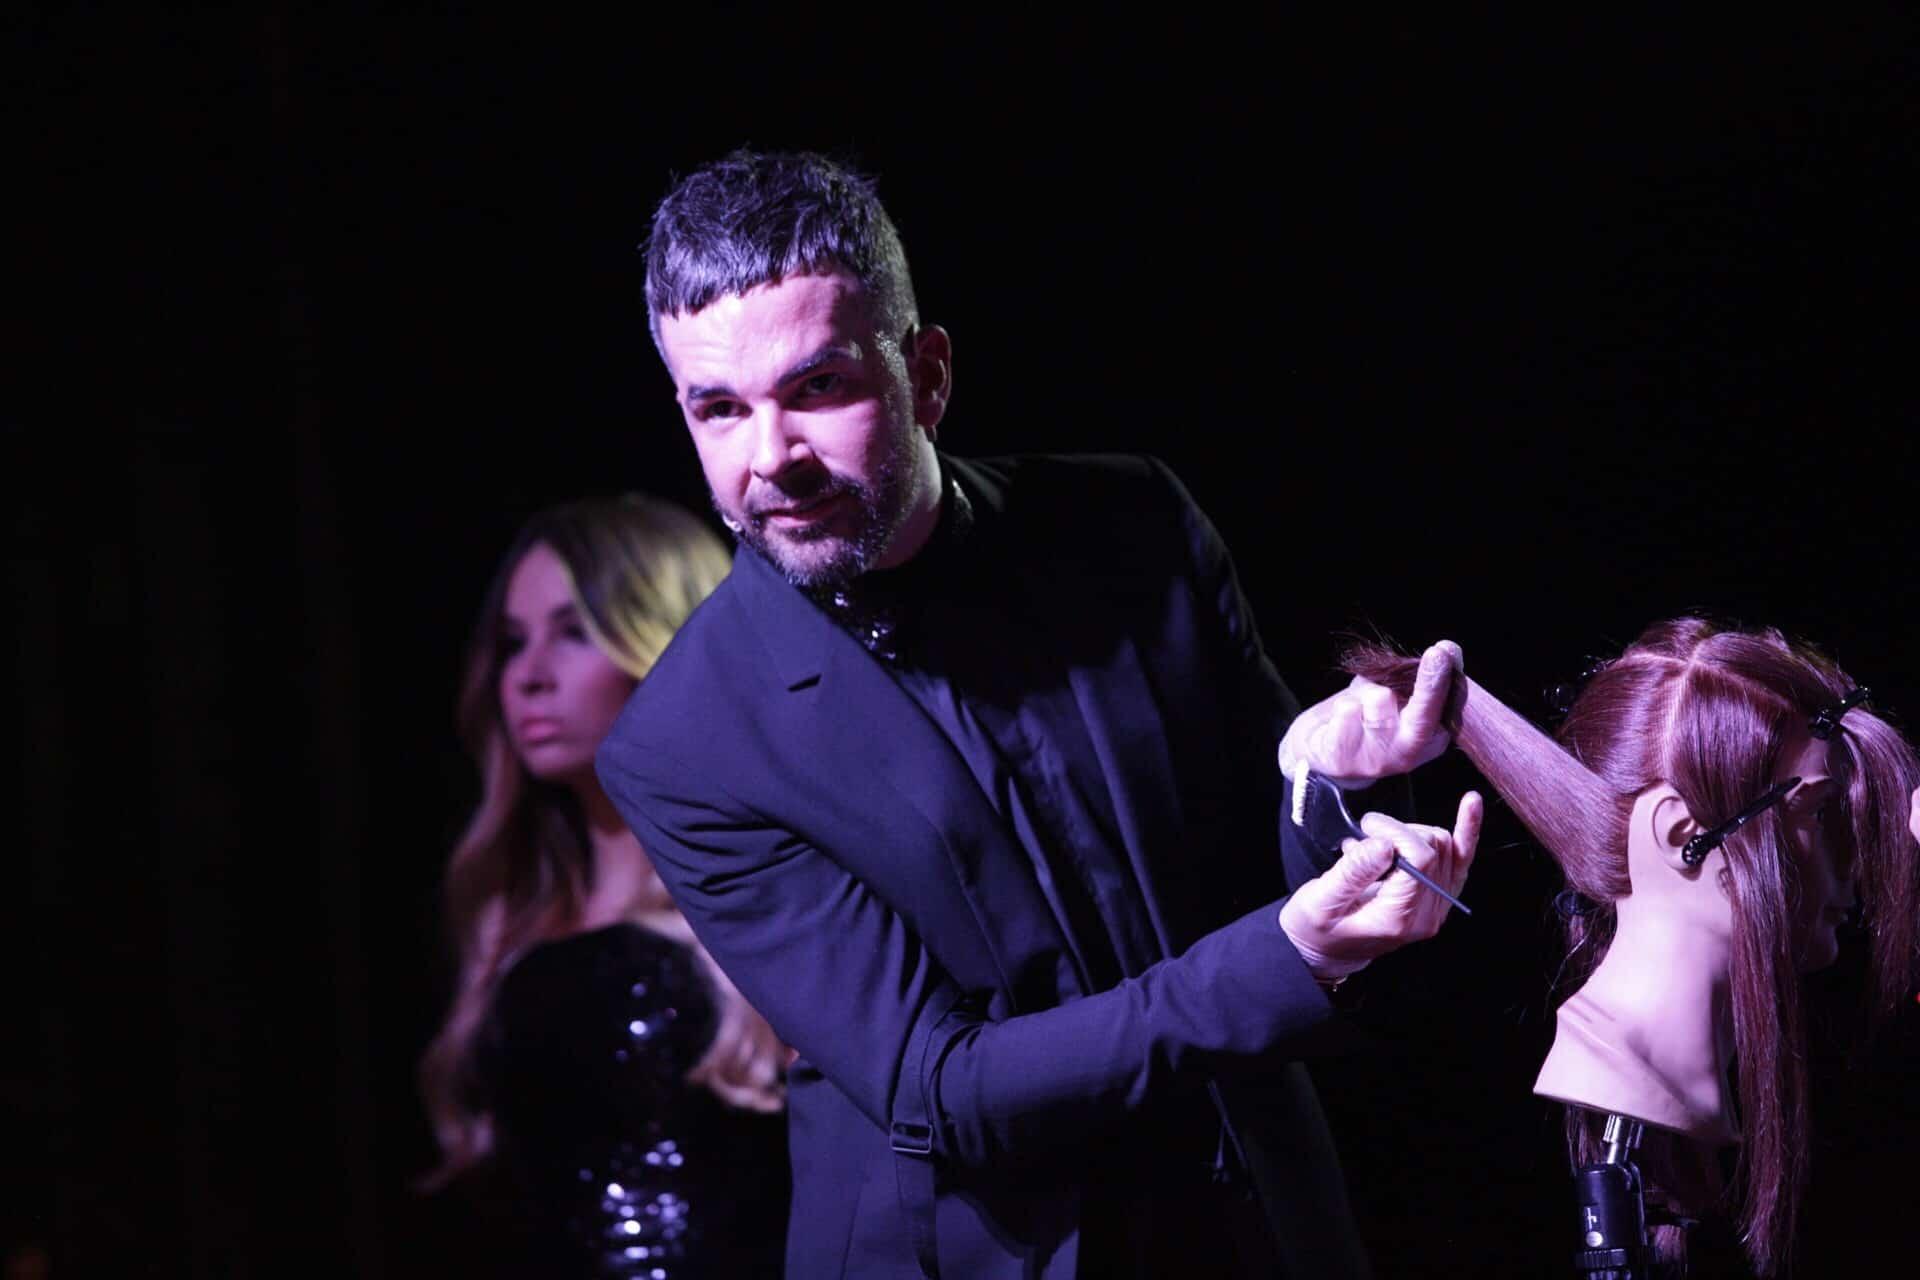 El Redken Artist Internacional Sean Godard durante el show